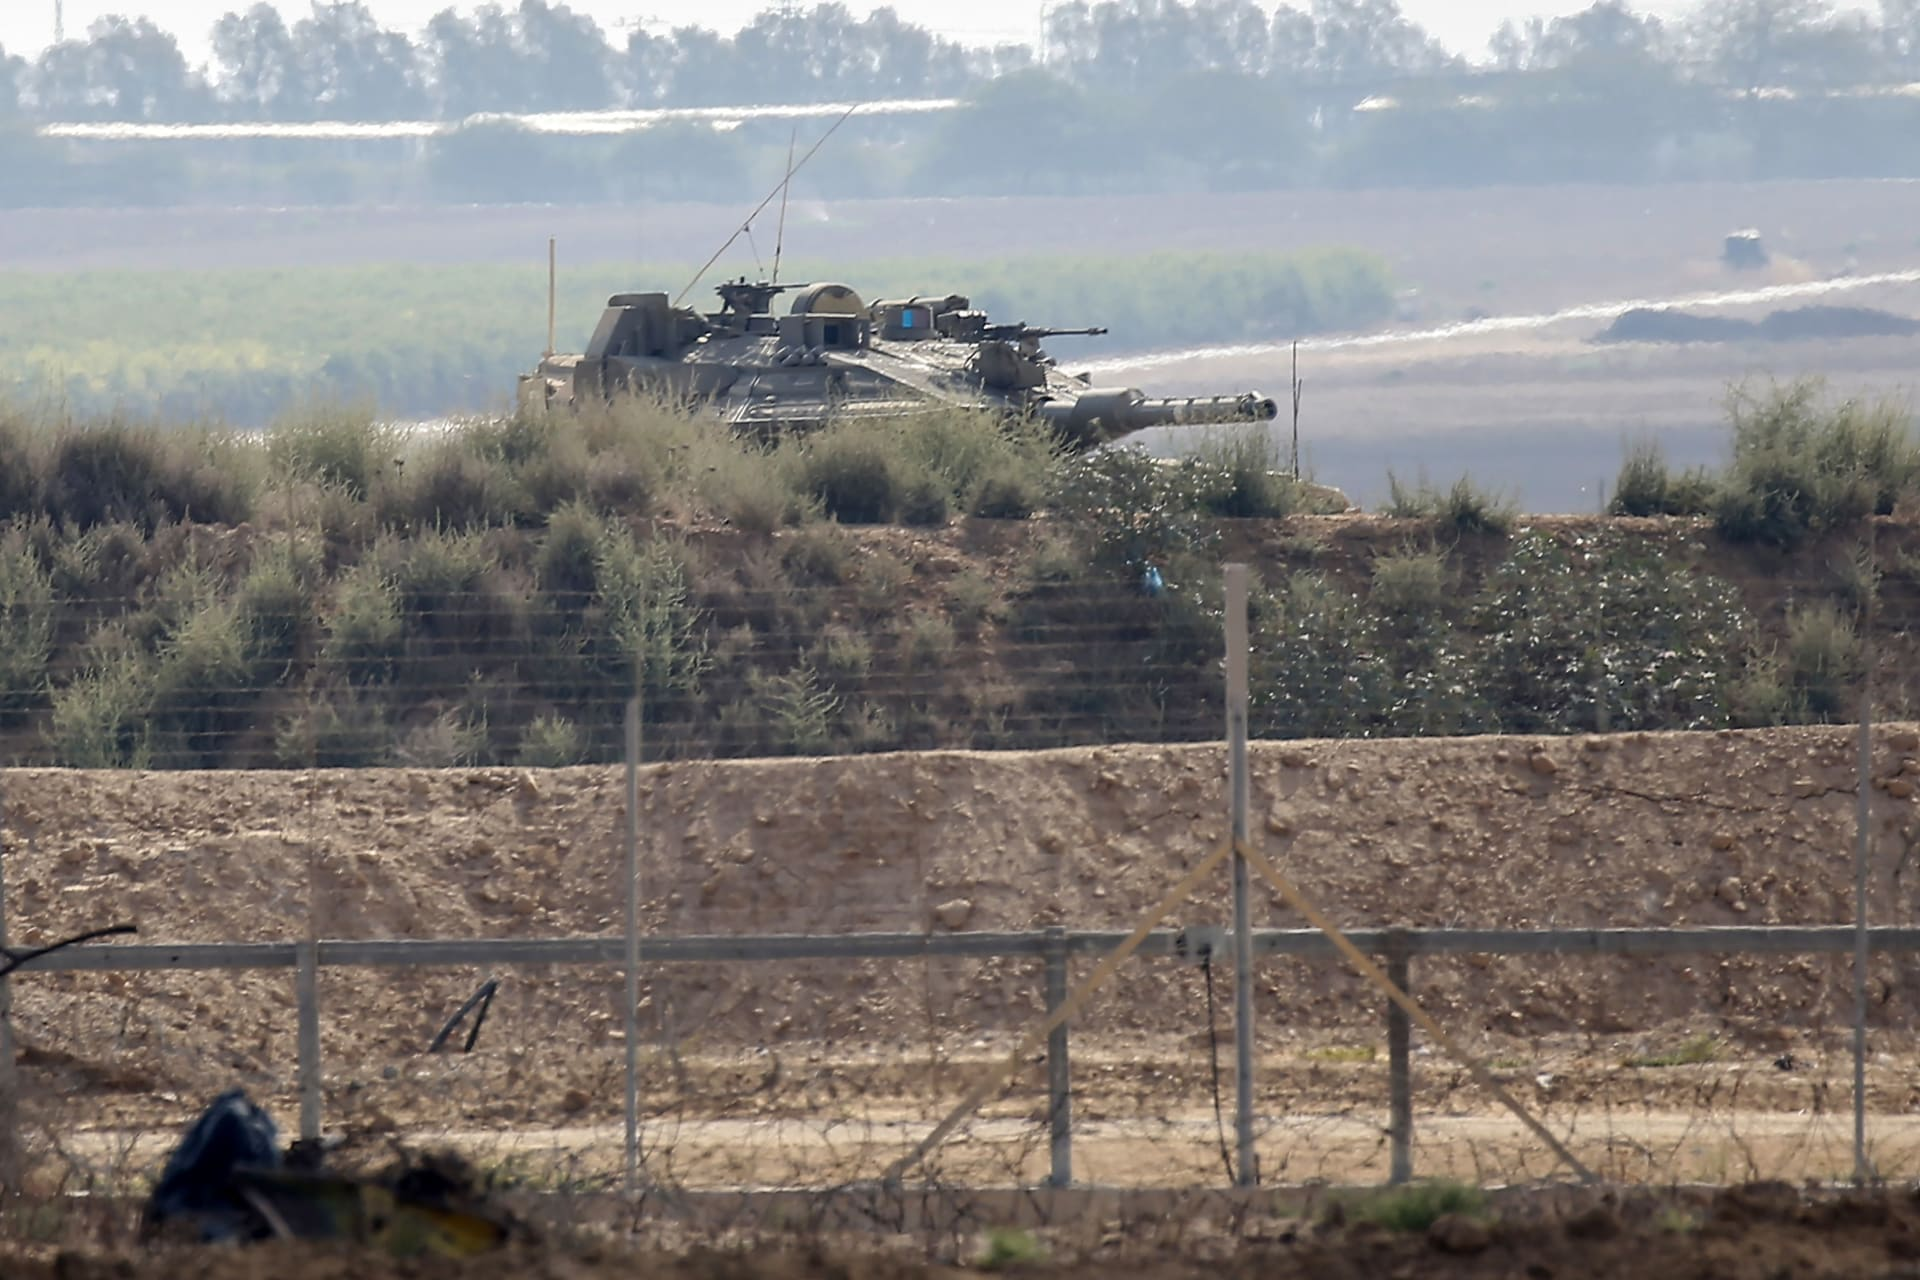 آليات للجيش الإسرائيلي على الحدود مع قطاع غزة